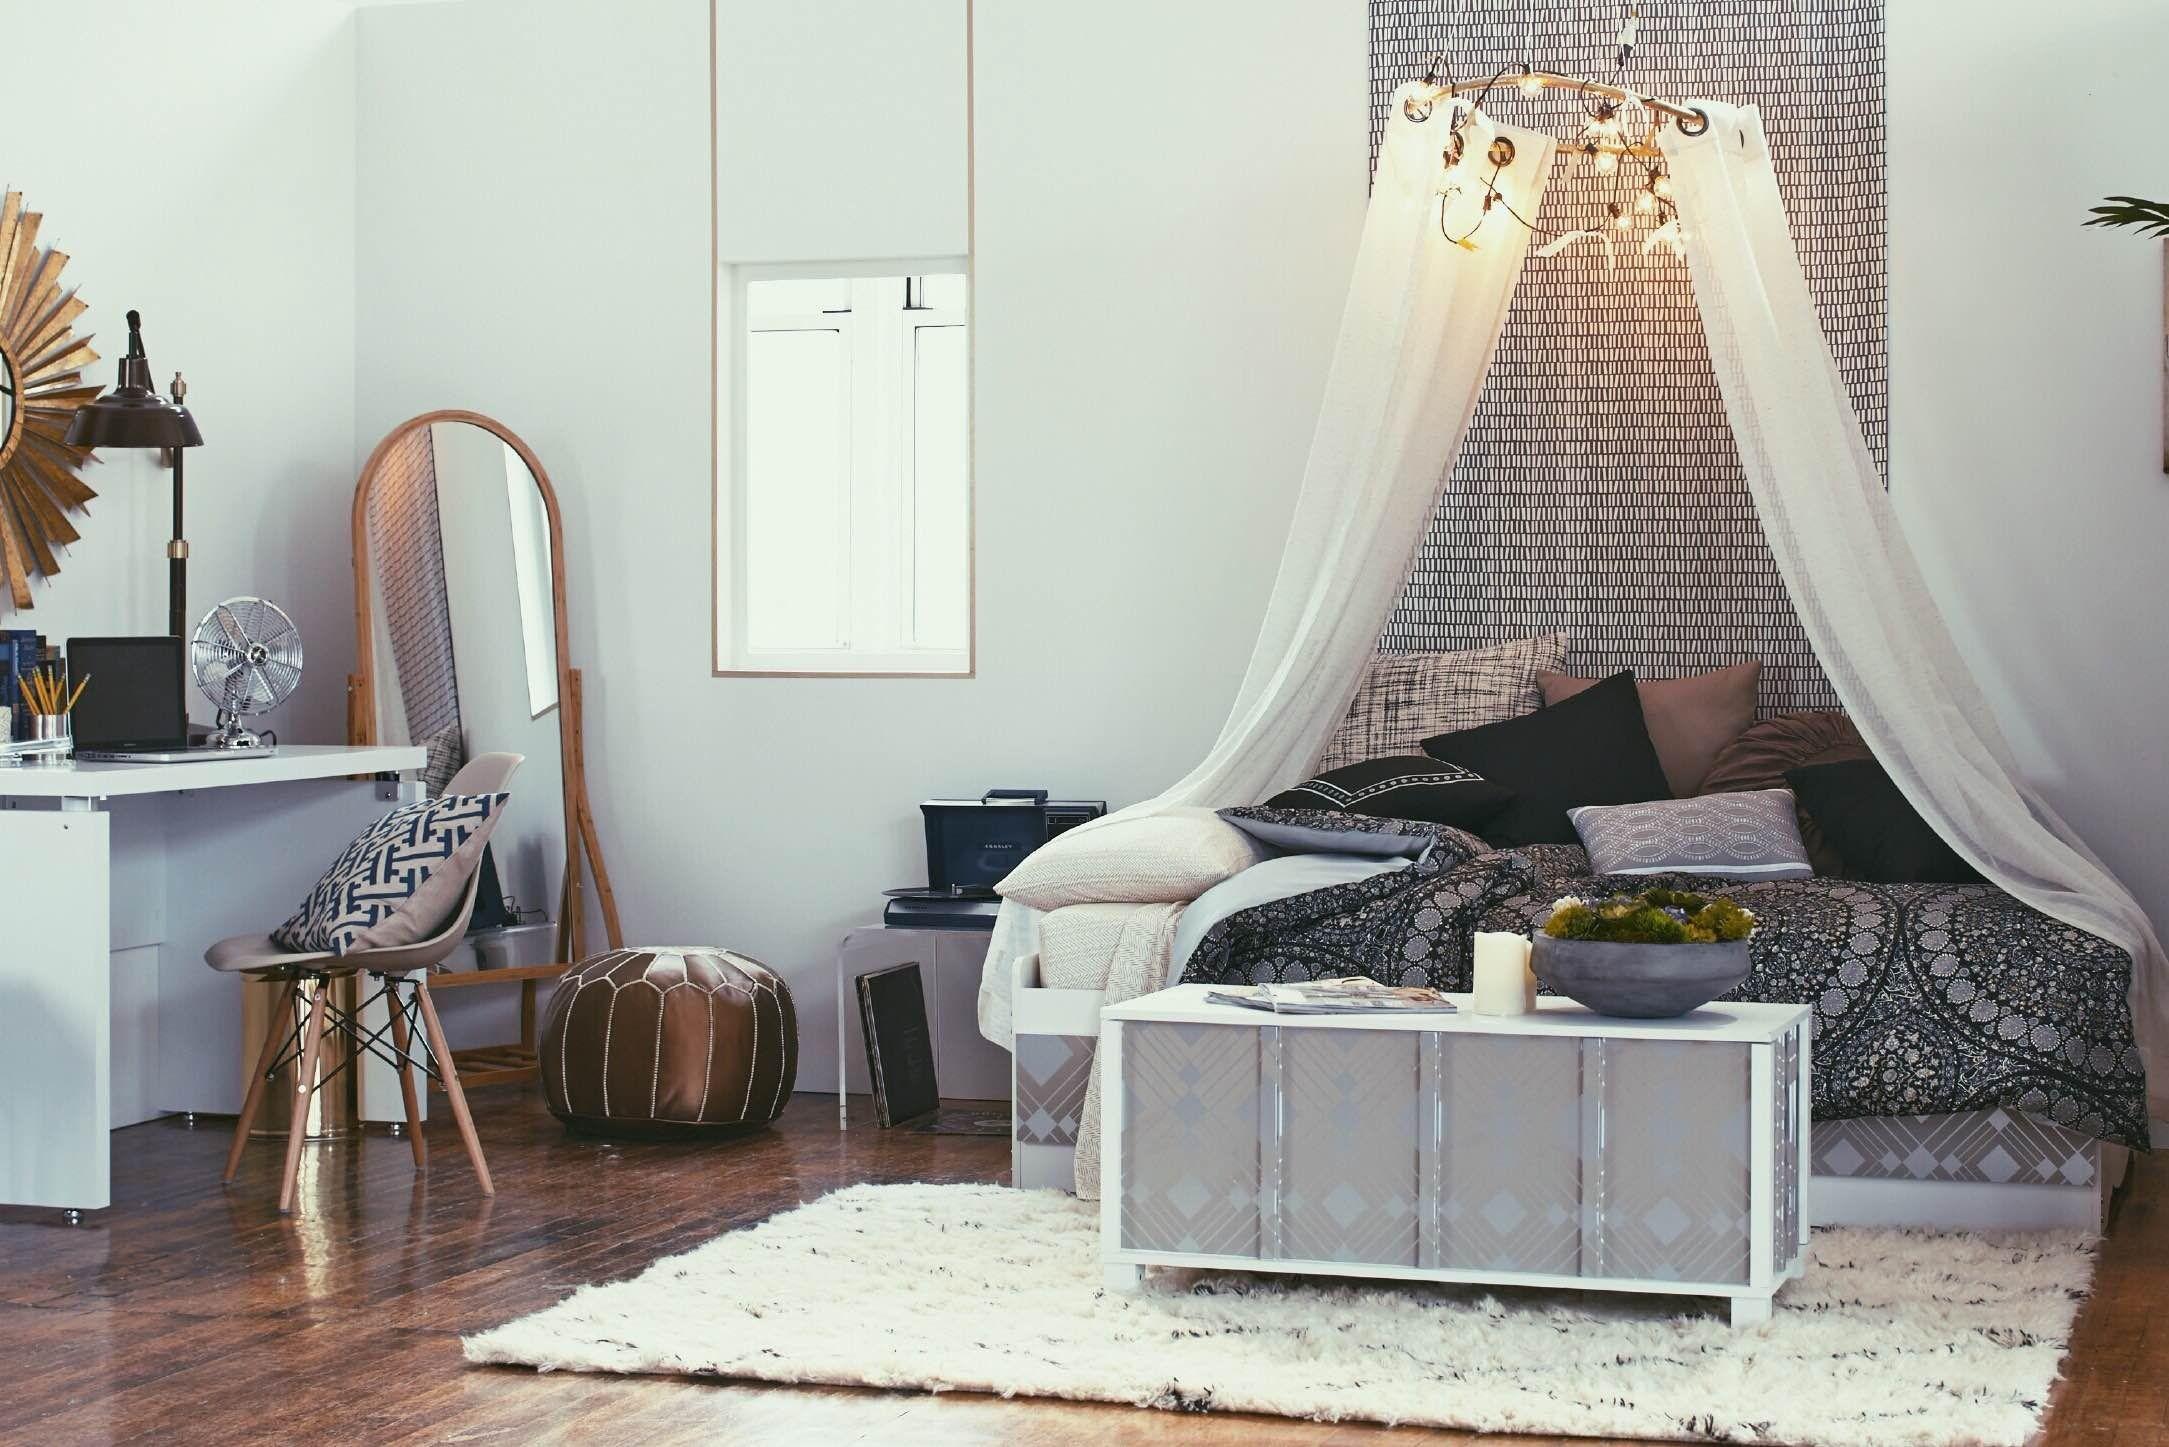 dorm room inspiration inspiration first apartment dorm rh pinterest com